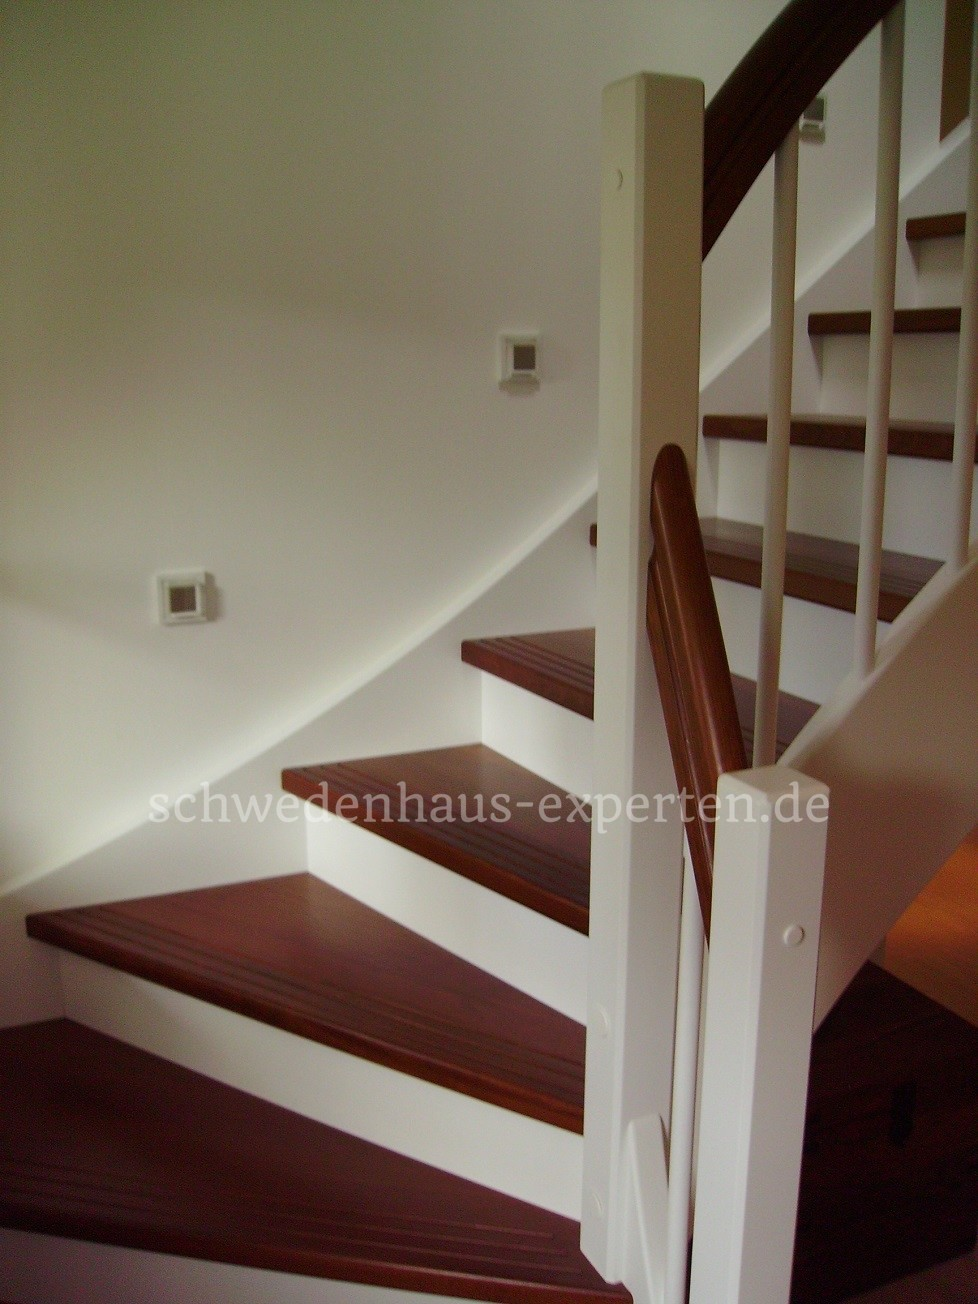 9.6 Treppen - Schwedenhaus